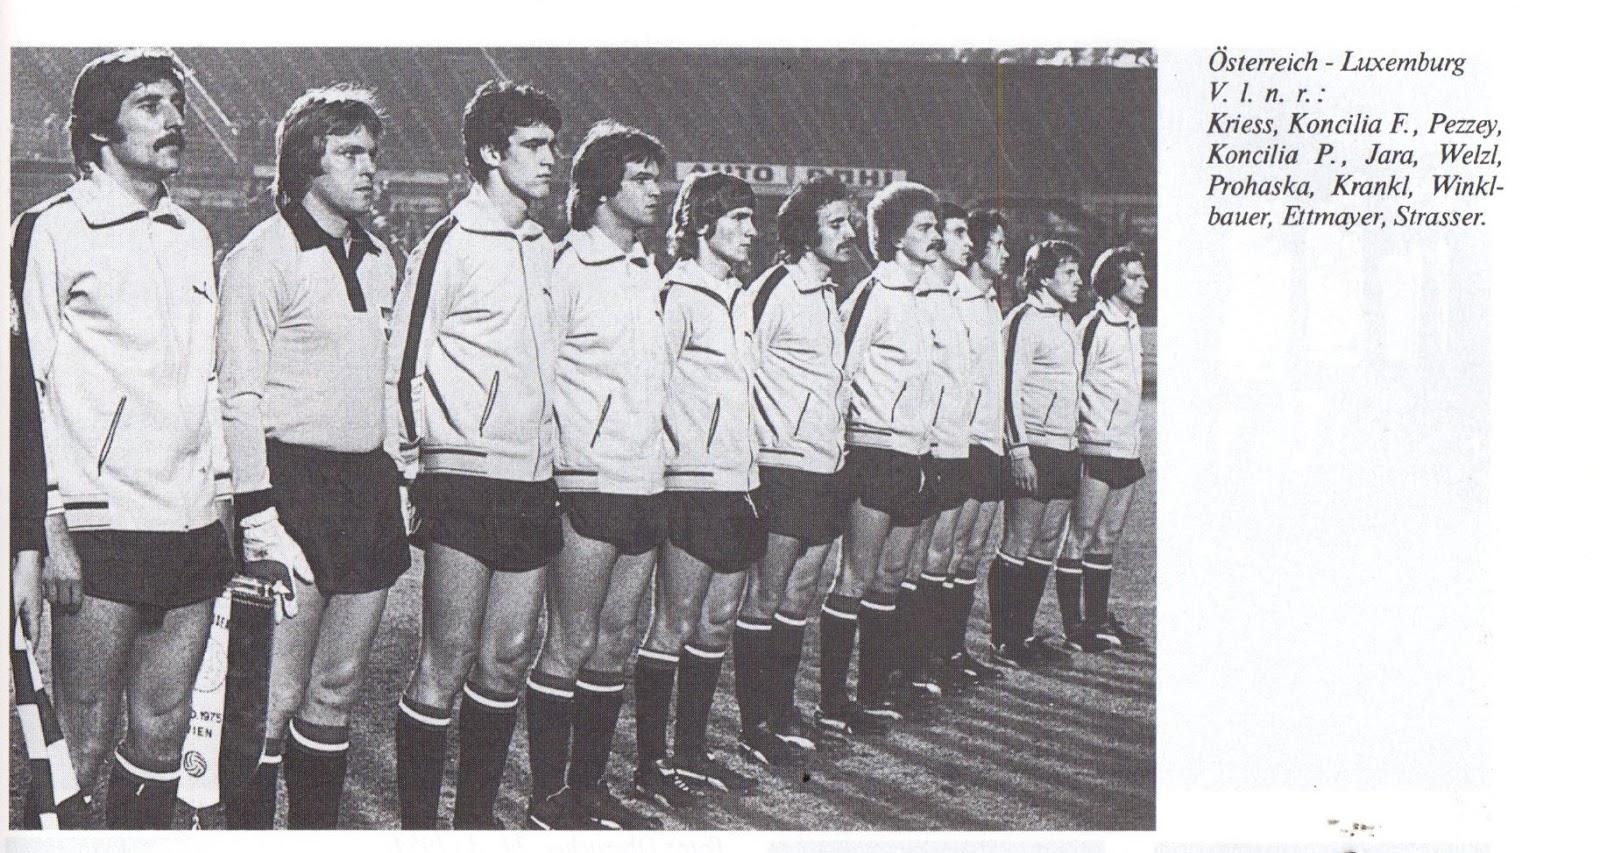 soccer nostalgia compendium to the 1976 euros qualifiers  fu%c3%83%c2%9fball sweatshirts c 7 #3